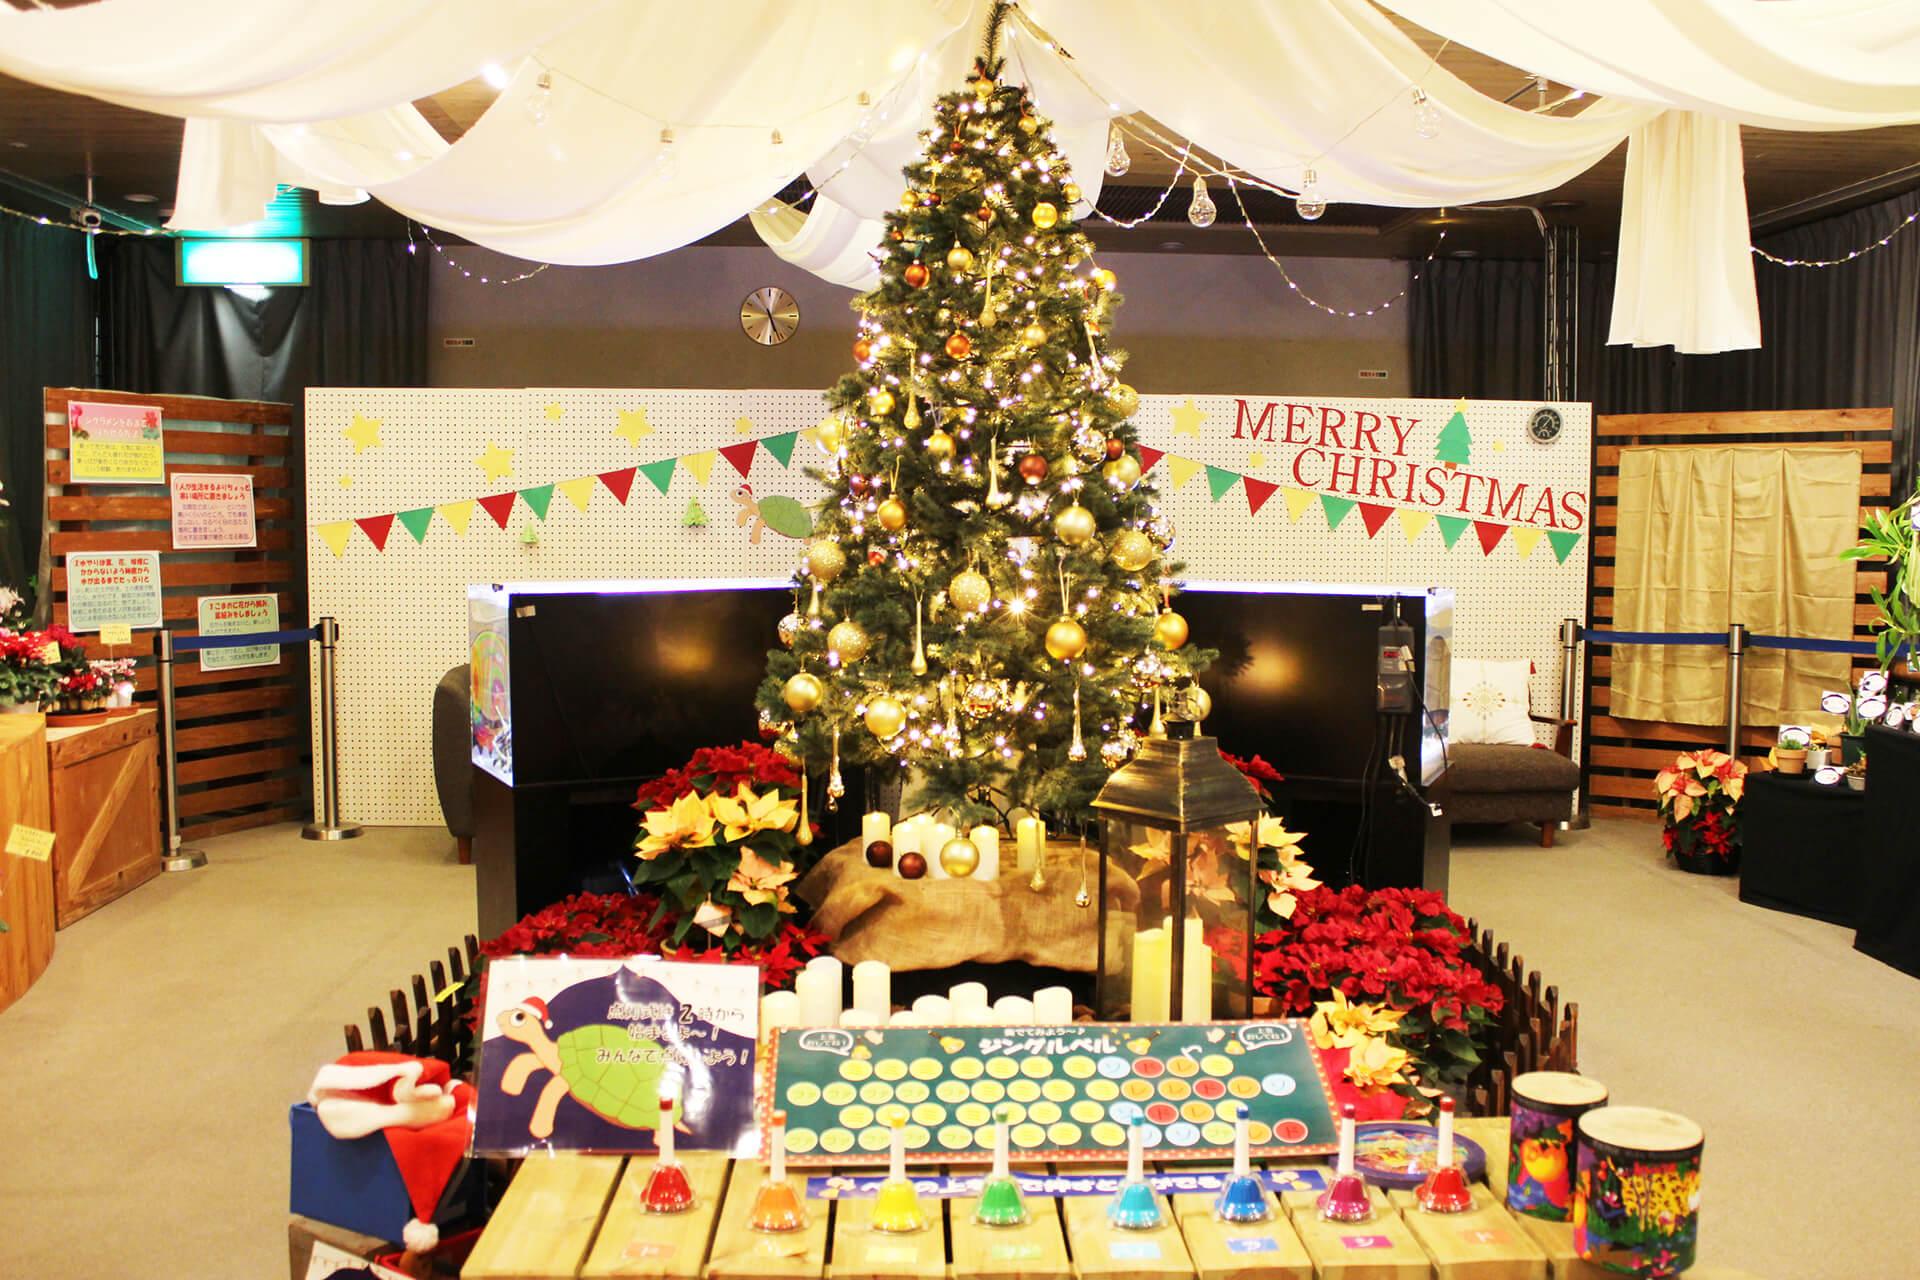 板橋区立熱帯環境植物館コスプレクリスマス